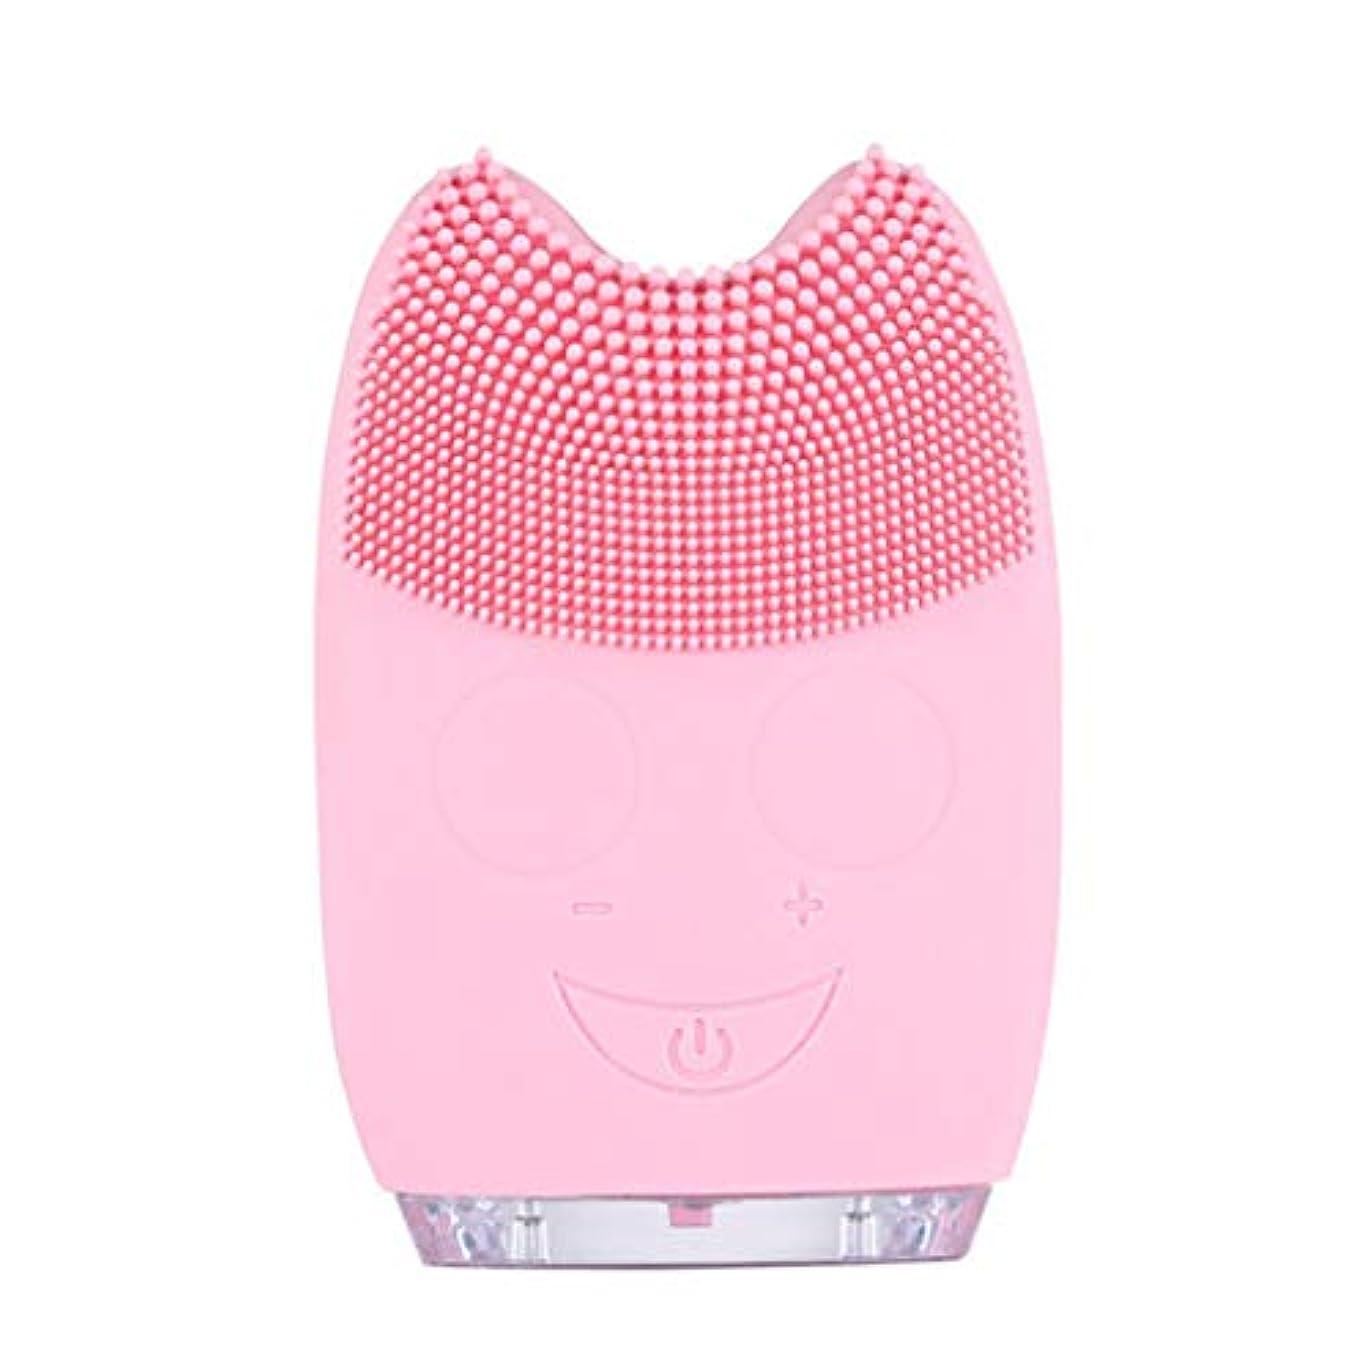 ボウリング親指レビュアーQi フェイシャルクレンザーブラシ、防水ミニ電動マッサージマシンシリコンフェイシャルクレンジングデバイスツール GQ (色 : Pink)